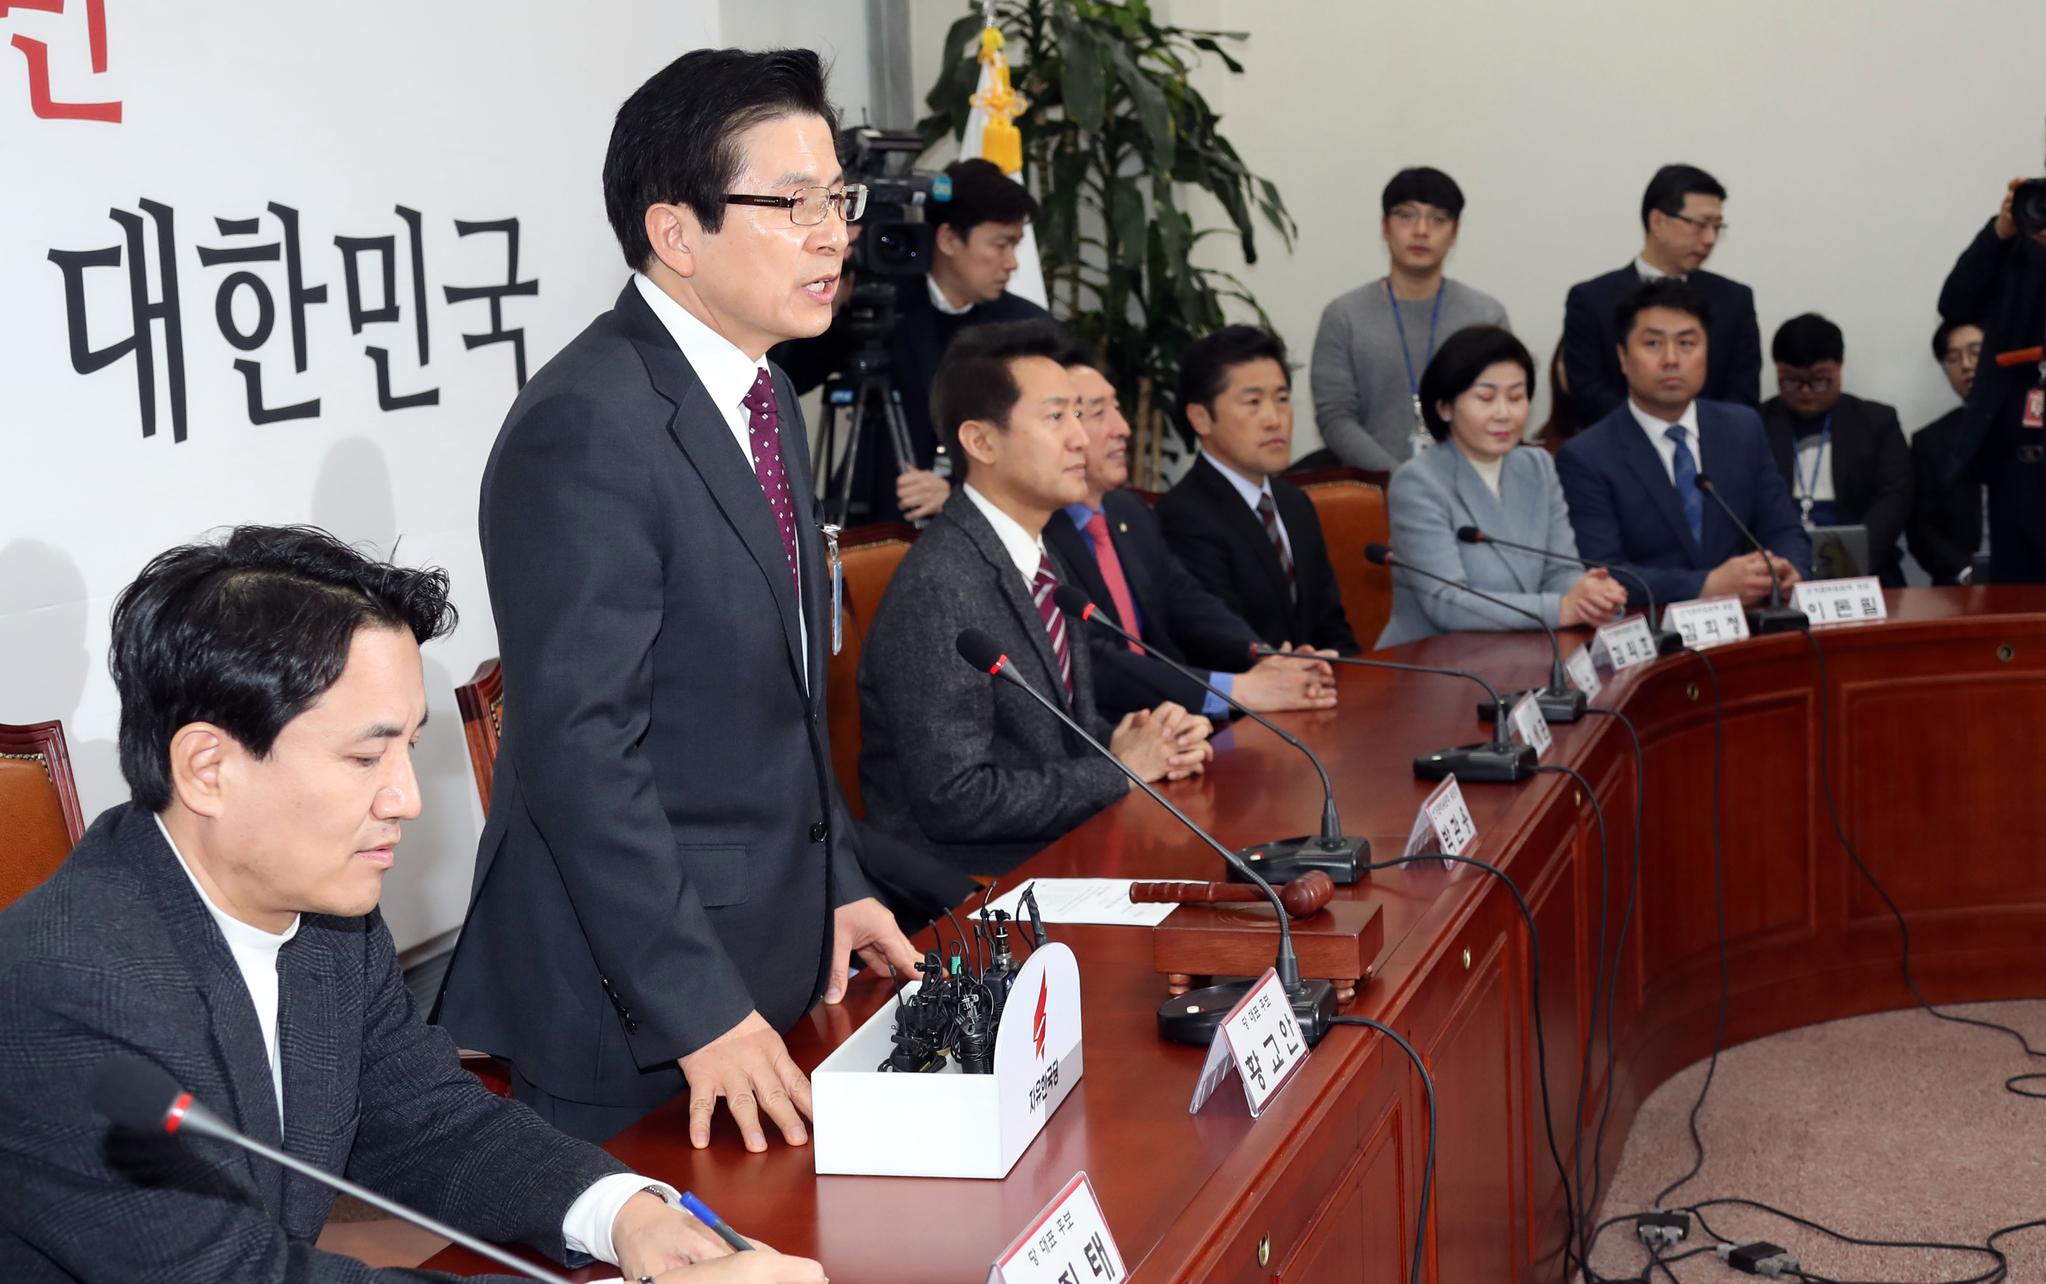 자유한국당 선관위 회의가 13일 오전 국회에서 열렸다. 황교안 후보(왼쪽 둘째)가 인사말하고 있다. 변선구 기자